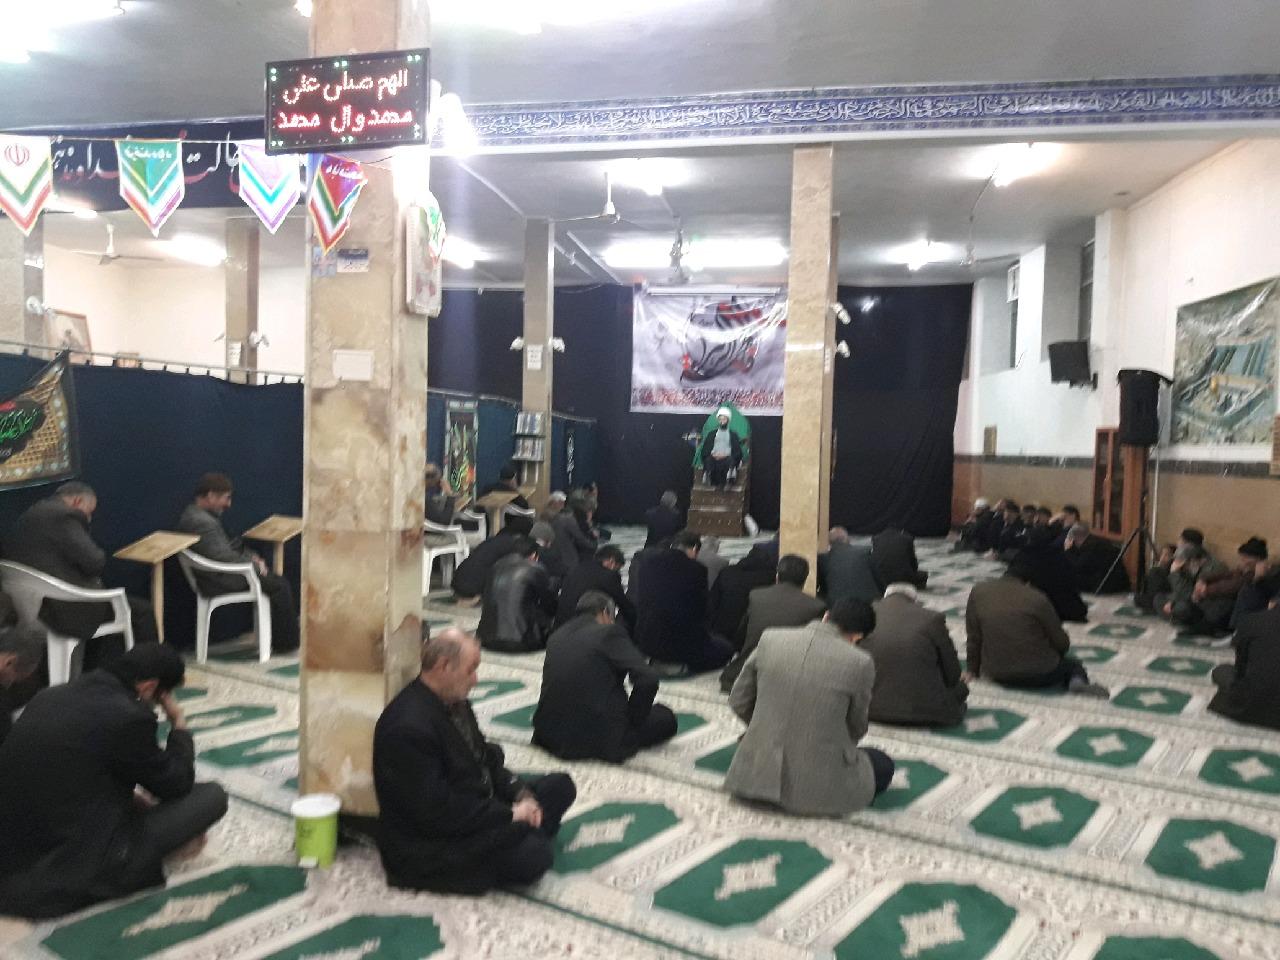 السلام علیک ایتها الصدیقه الشهیده    سخنرانی امام جمعه محترم شهر قهدریجان در مسجد صاحب الزمان درچه به مناسبت ایام فاطمیه